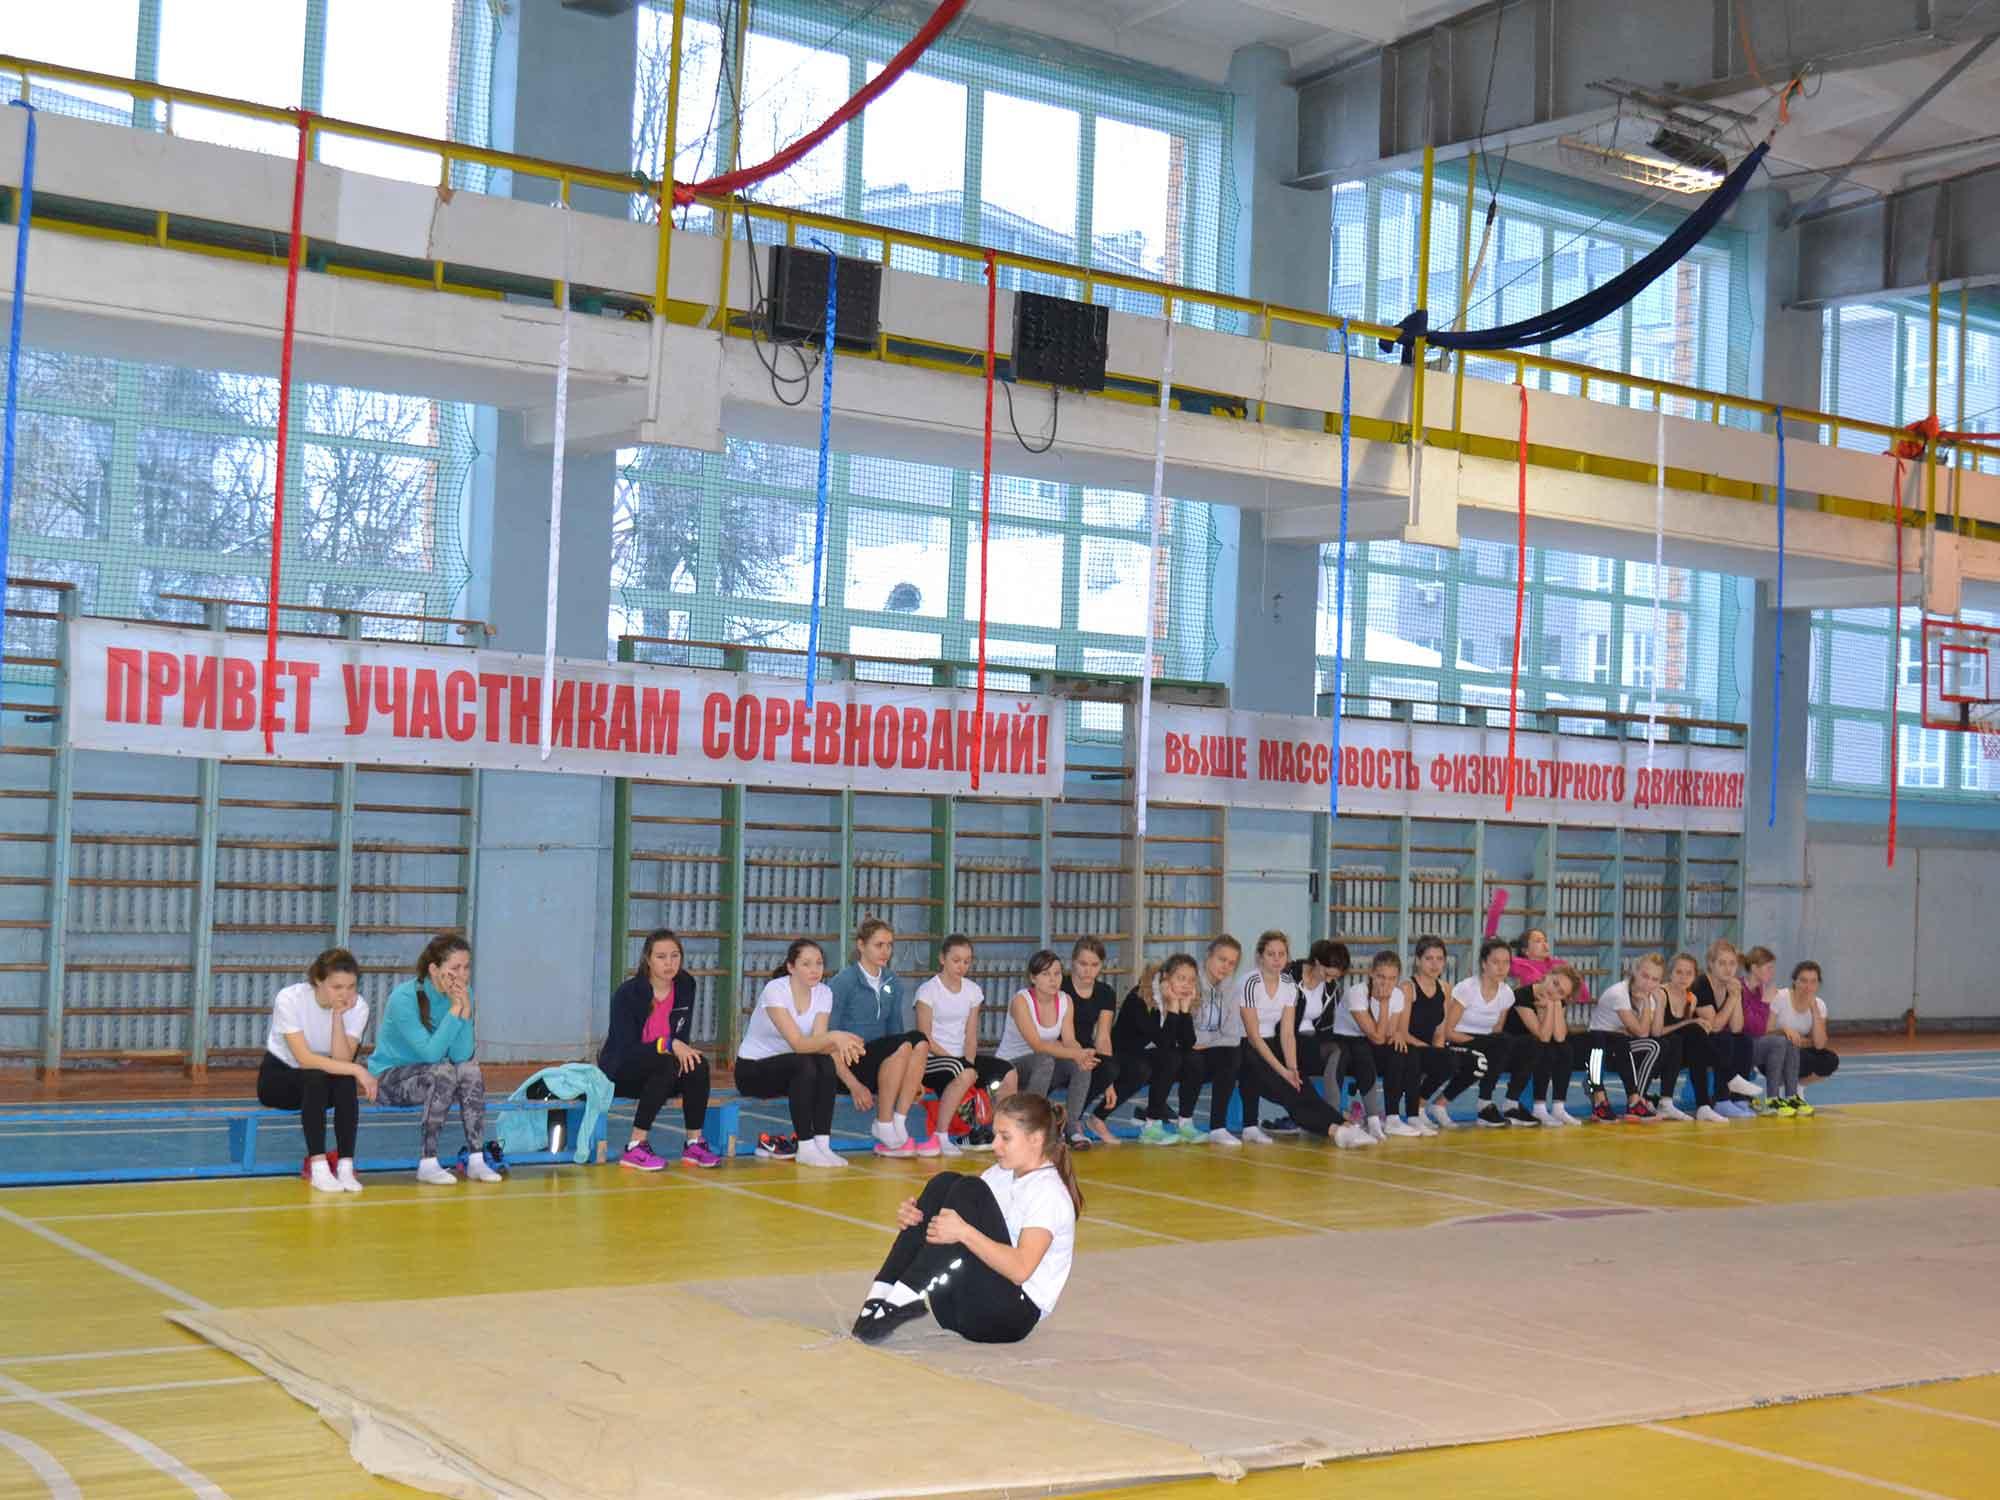 Региональный этап Всероссийской олимпиады школьников по физической культуре состоялся в НГПУ им. К. Минина